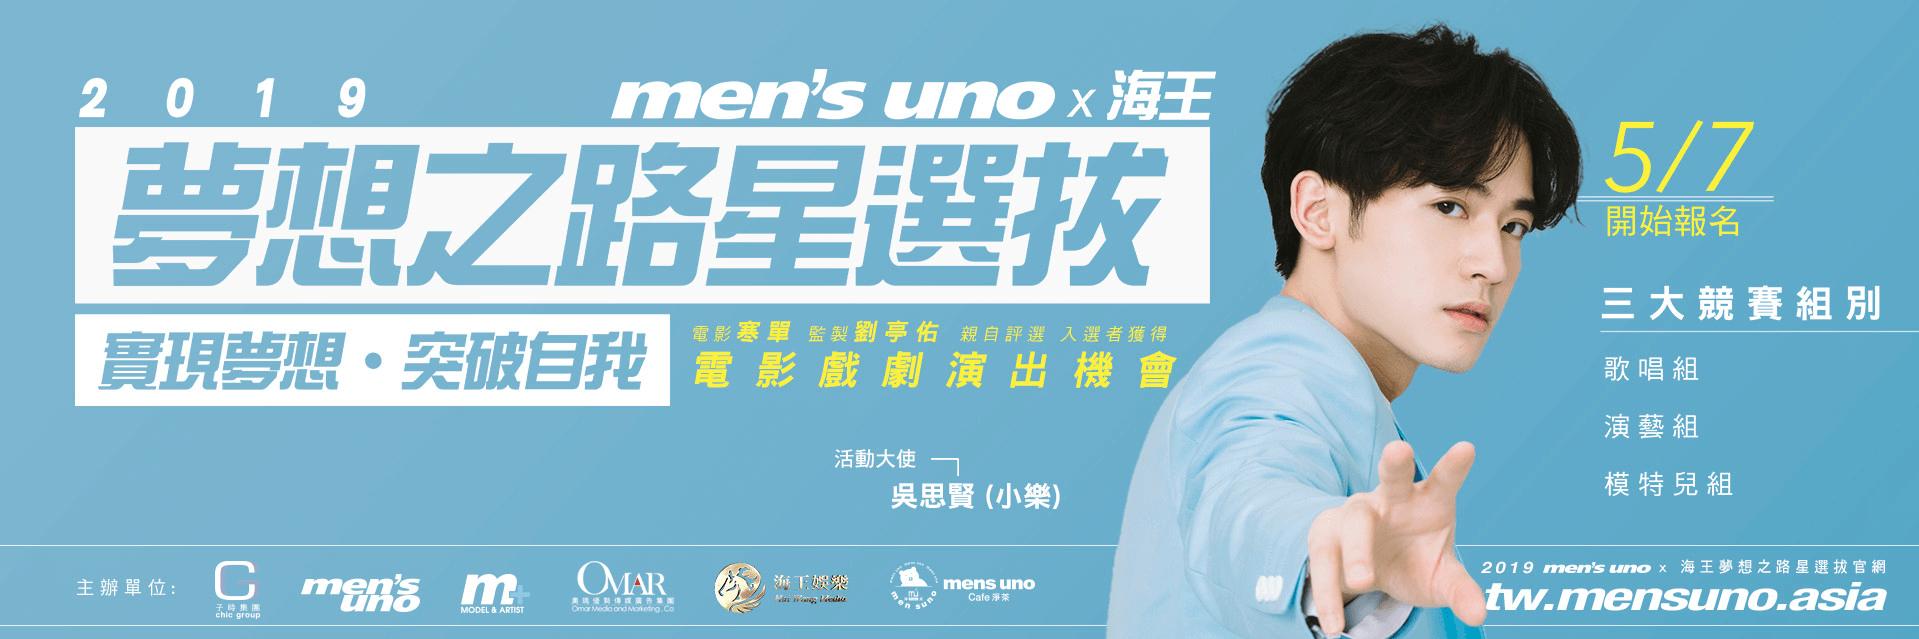 2019 men's uno x 海王 夢想之路星選拔 熱烈報名中!